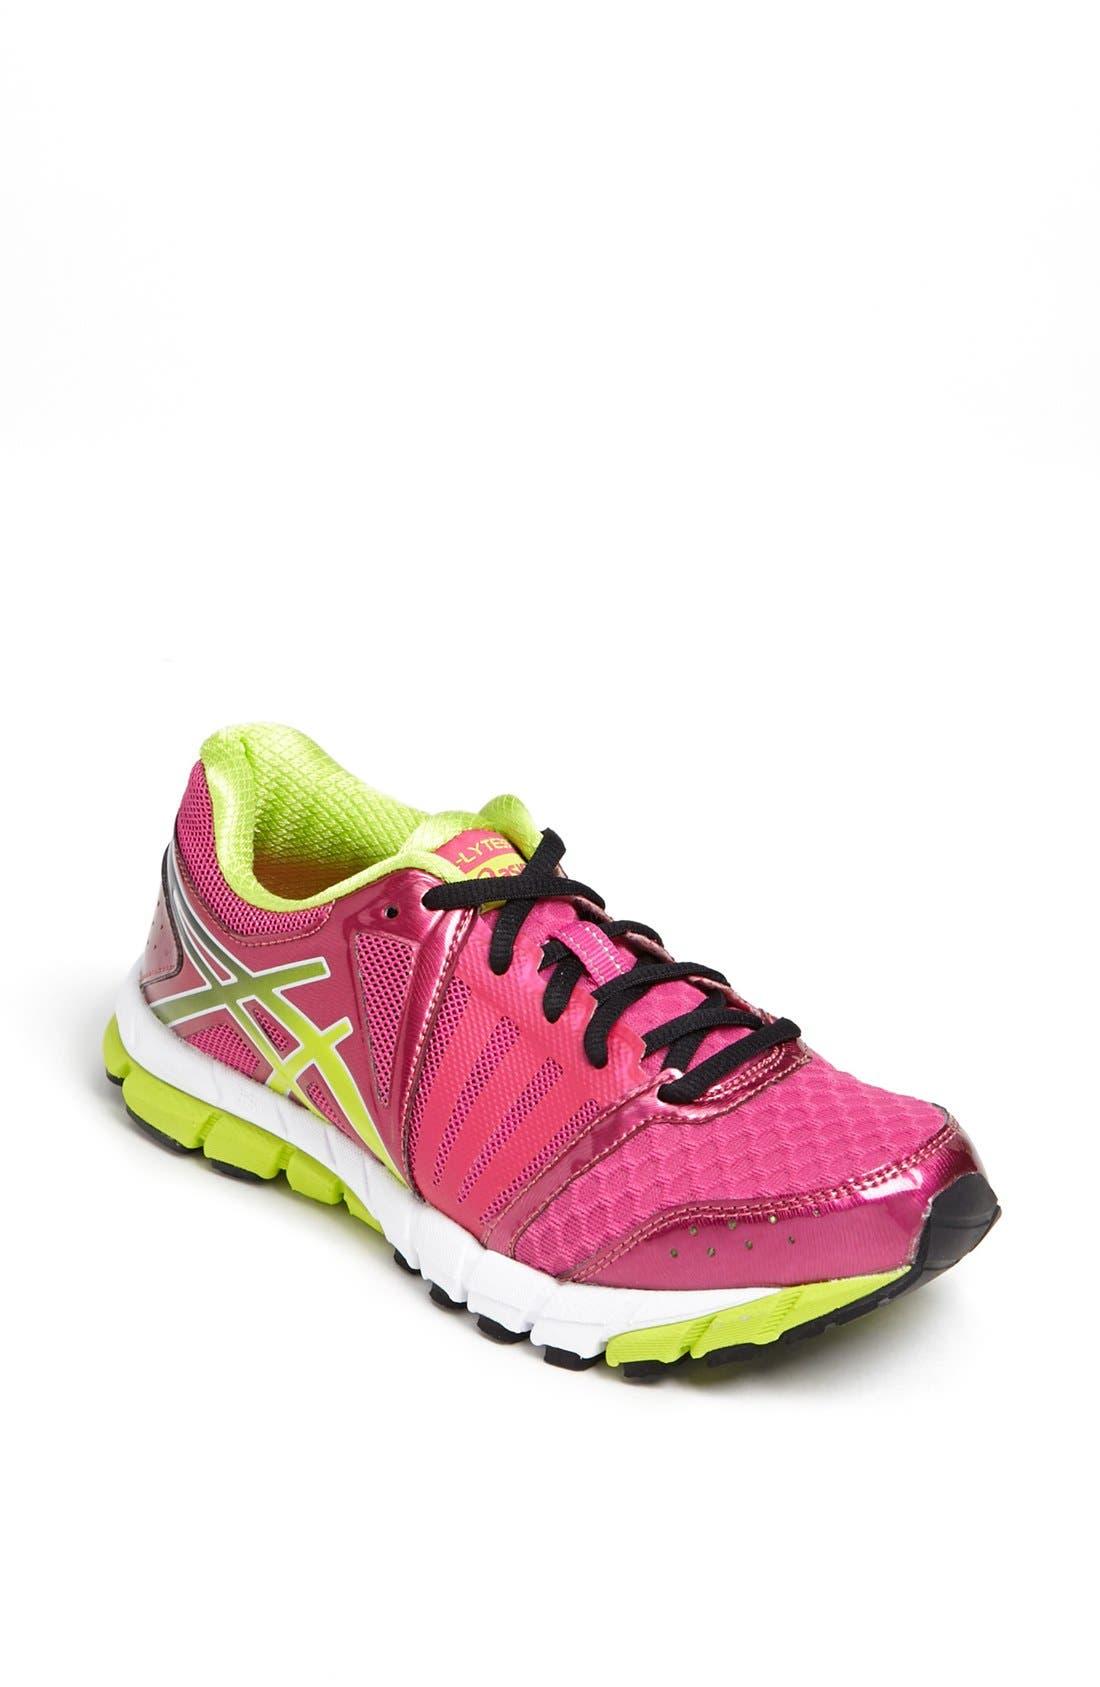 Main Image - ASICS® 'GEL-LYTE33™ 2' Running Shoe (Women)(Regular Retail Price: $84.95)